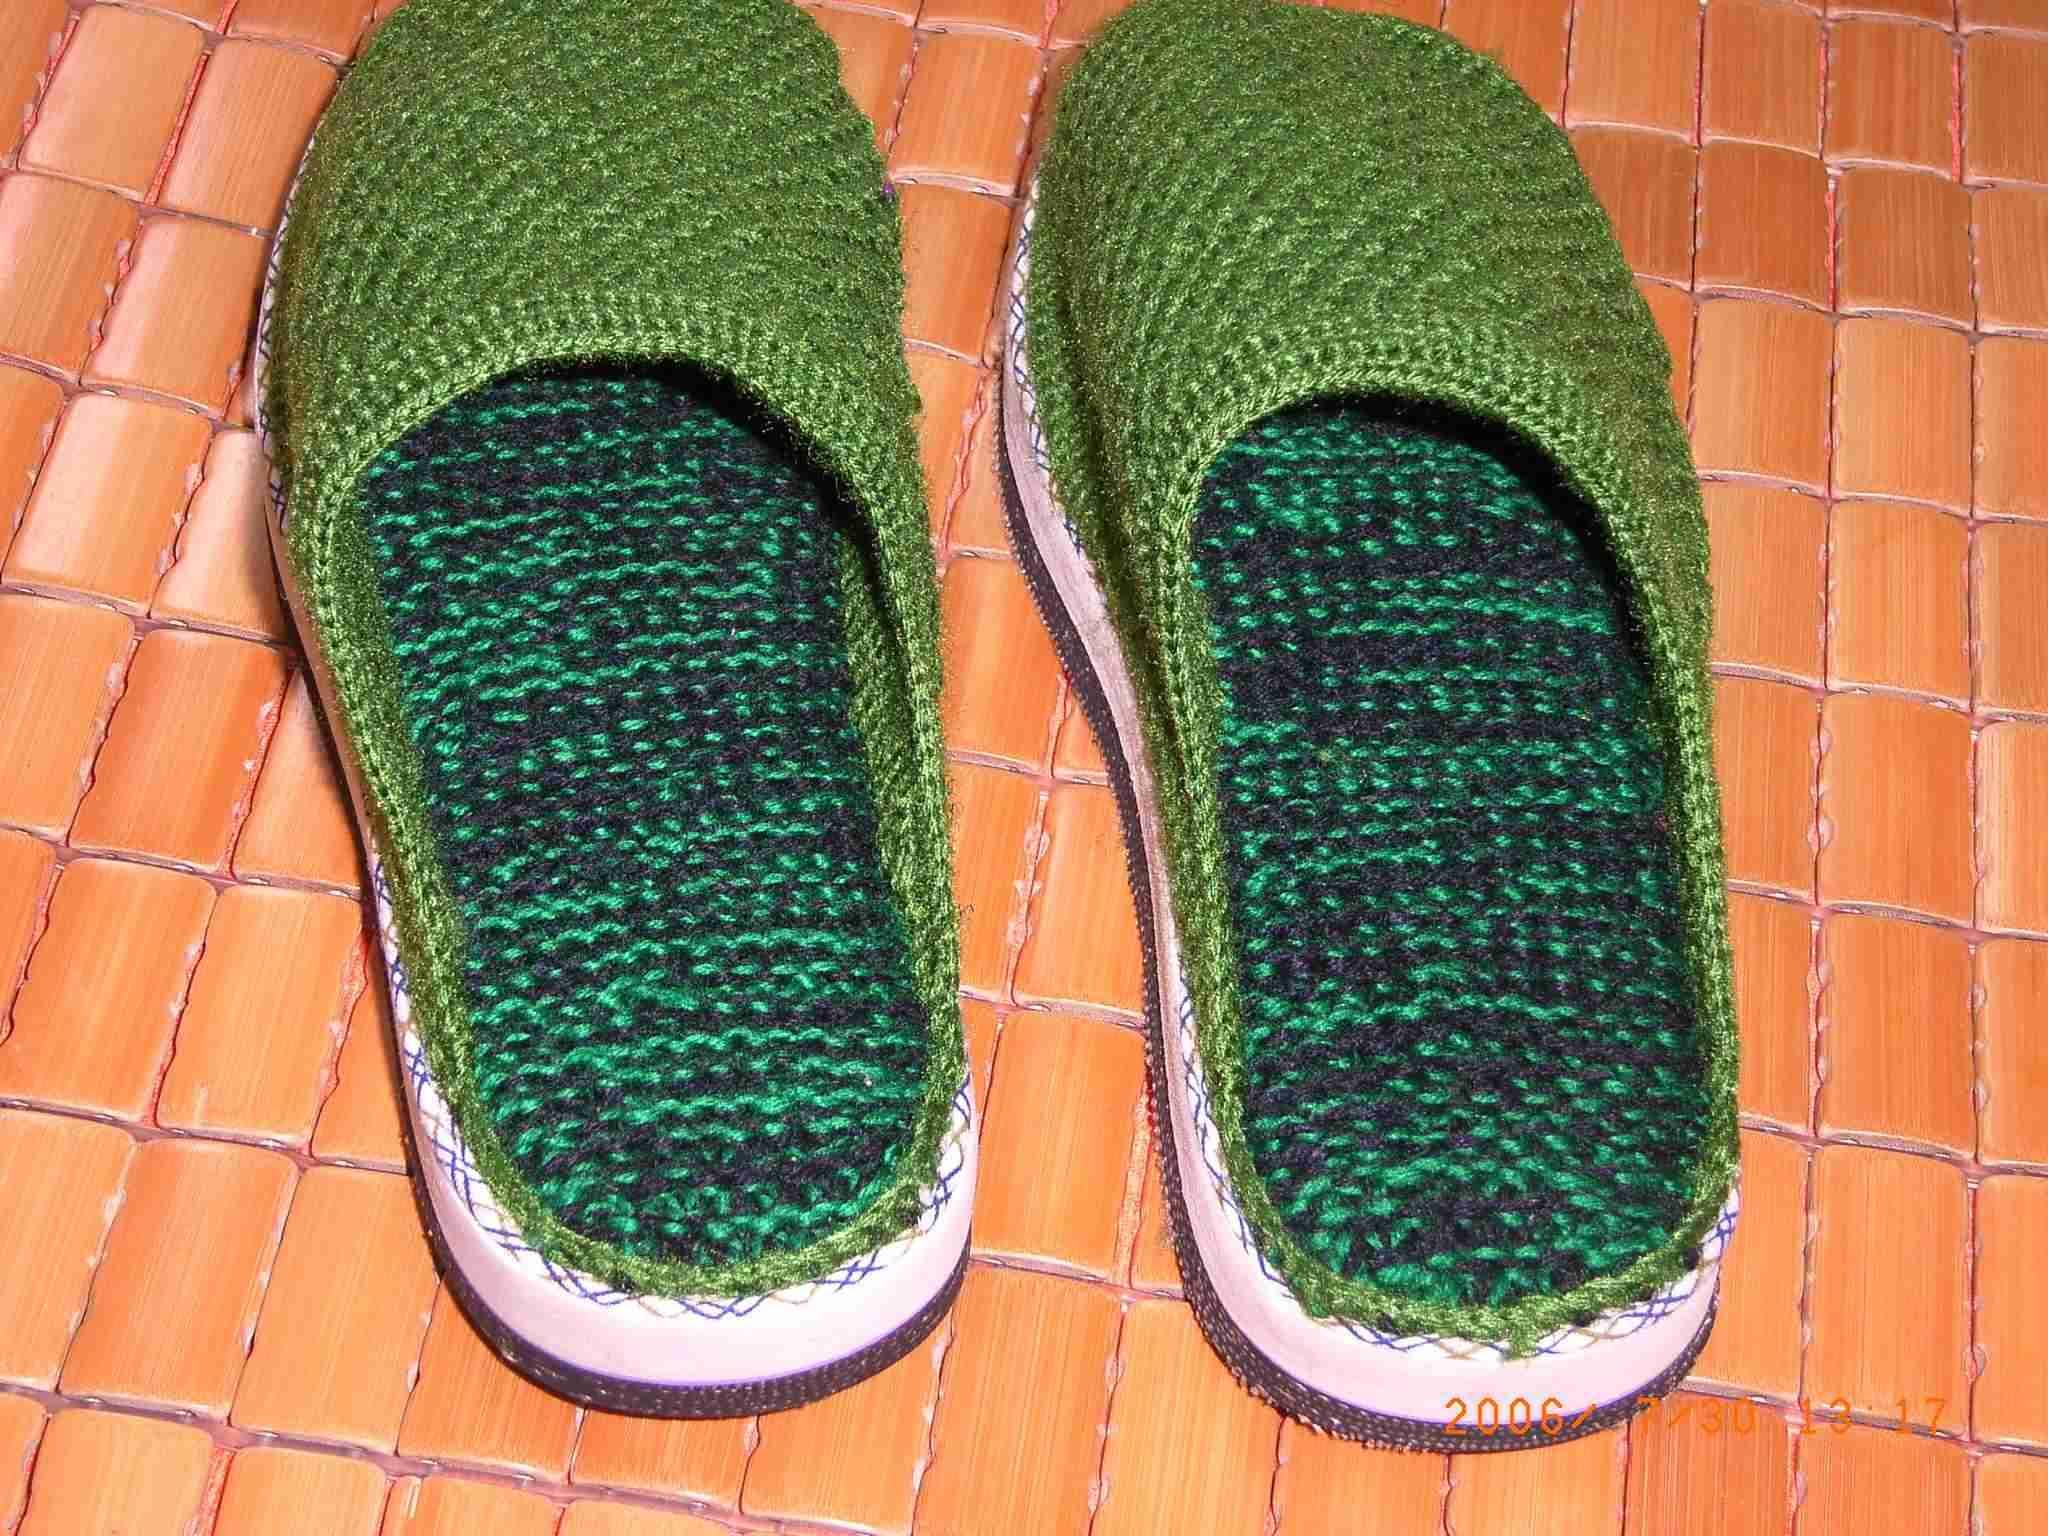 手工编织的毛线拖鞋,手工鞋垫